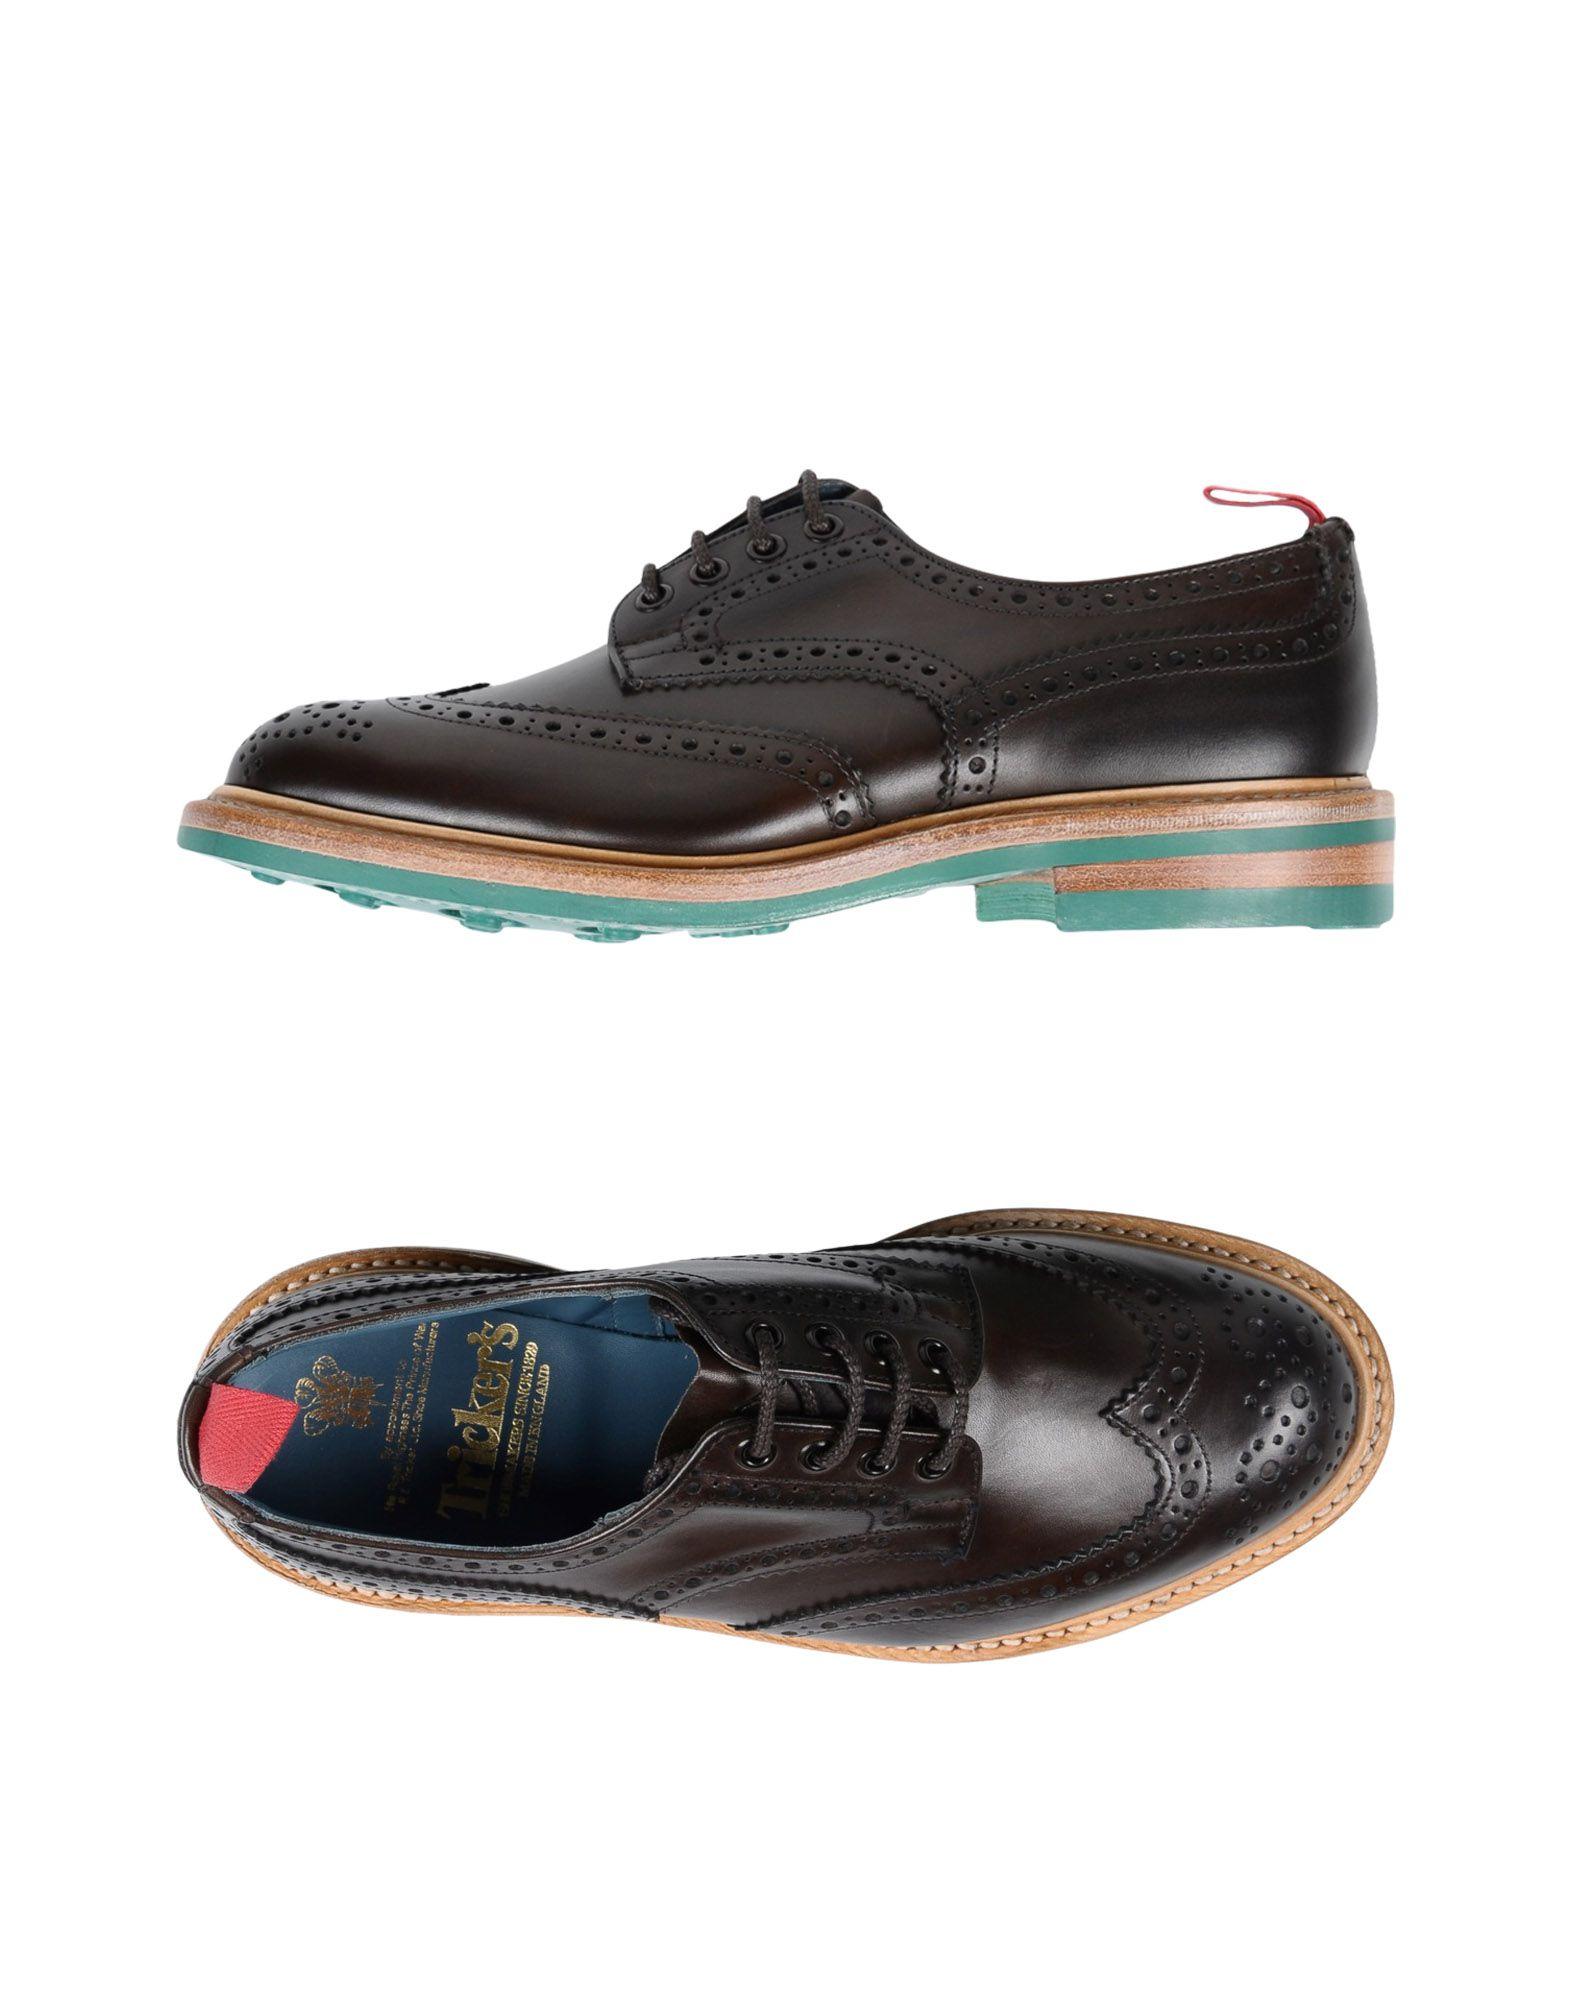 Nuevos zapatos para hombres y mujeres, descuento por limitado tiempo limitado por  Zapato De Cordones Tricker's Hombre - Zapatos De Cordones Tricker's 1dc427